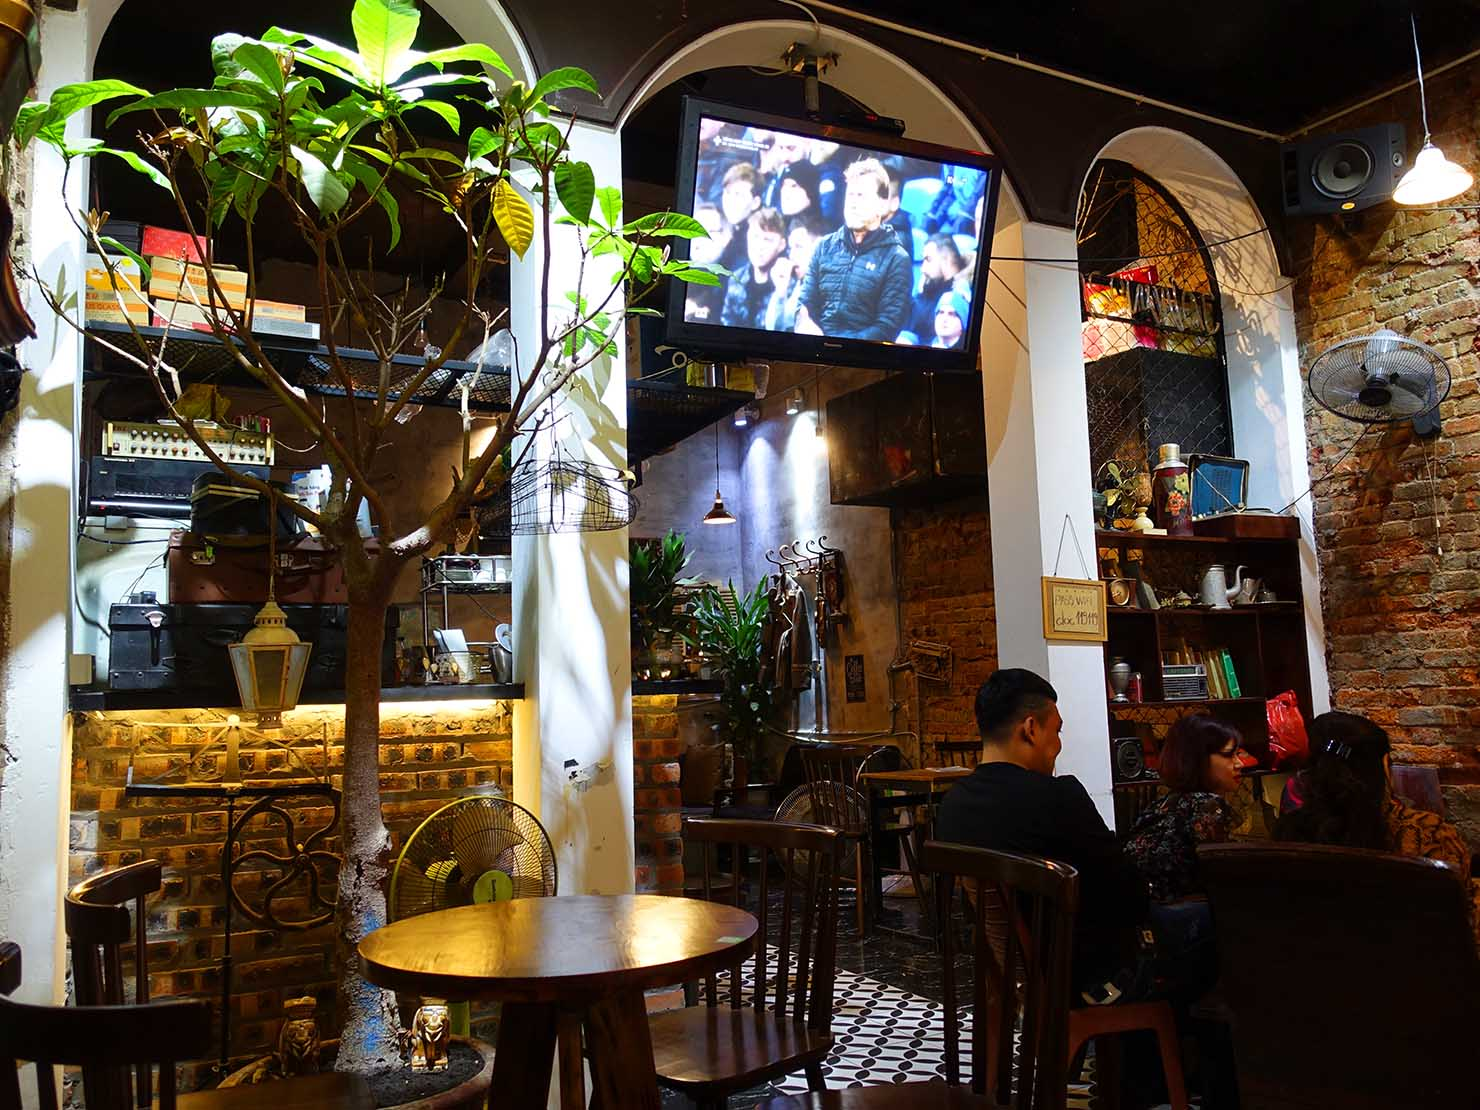 ベトナム・ハノイ旧市街にあるカフェ「Độc café」の店内